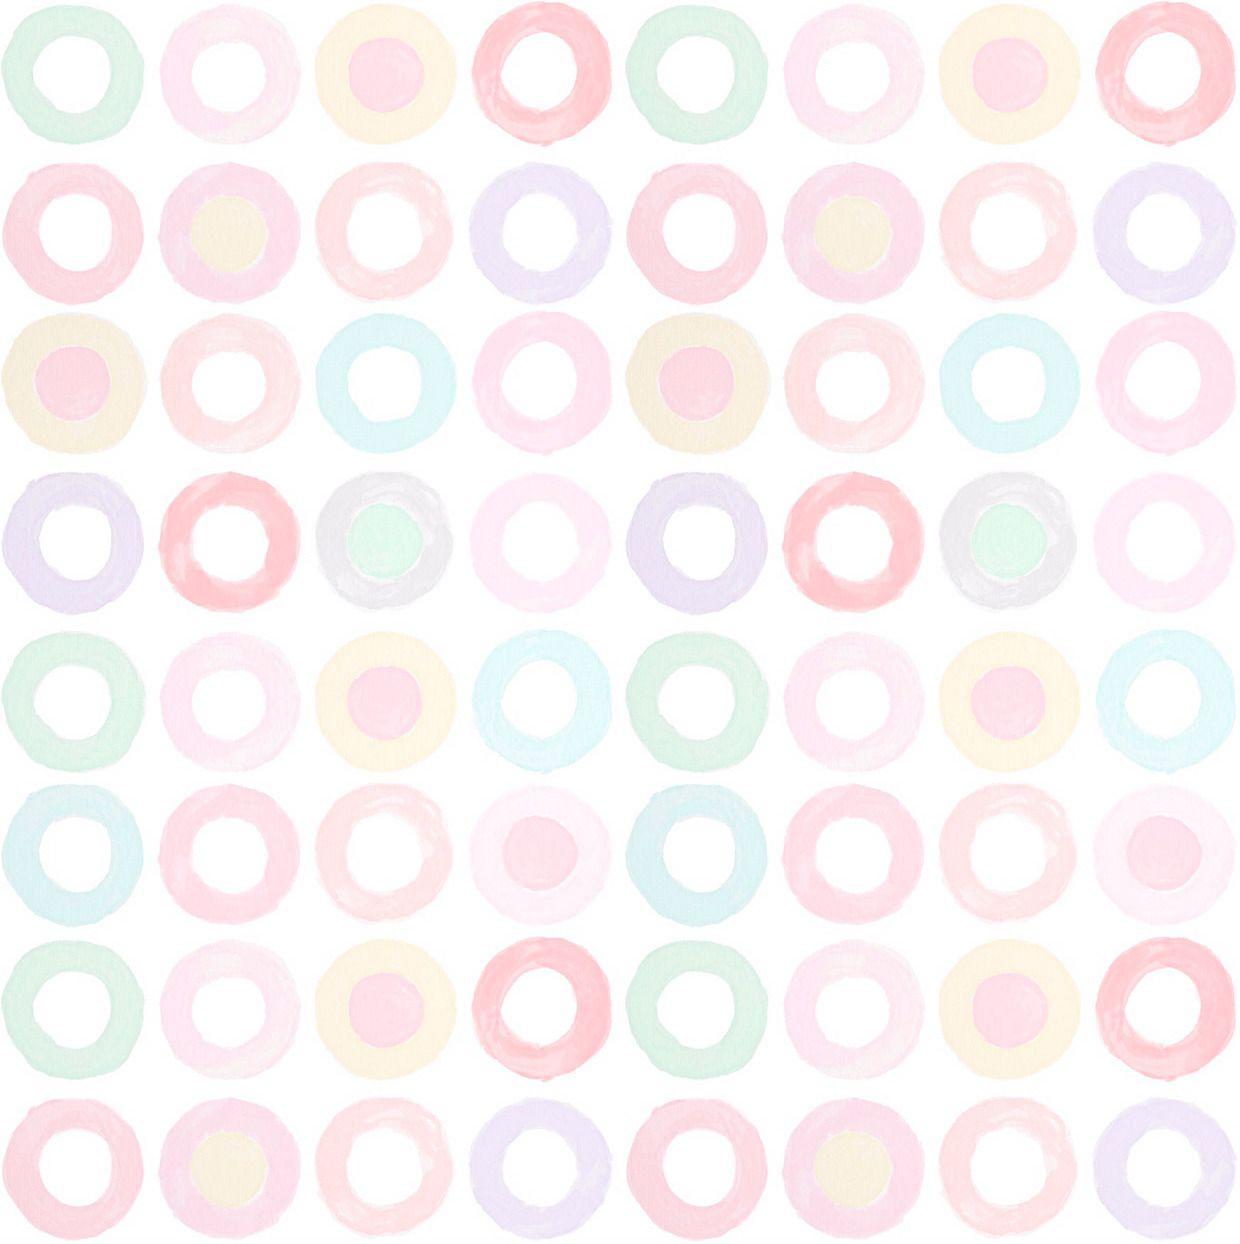 Papel de Parede Adesivo Teca - Candy